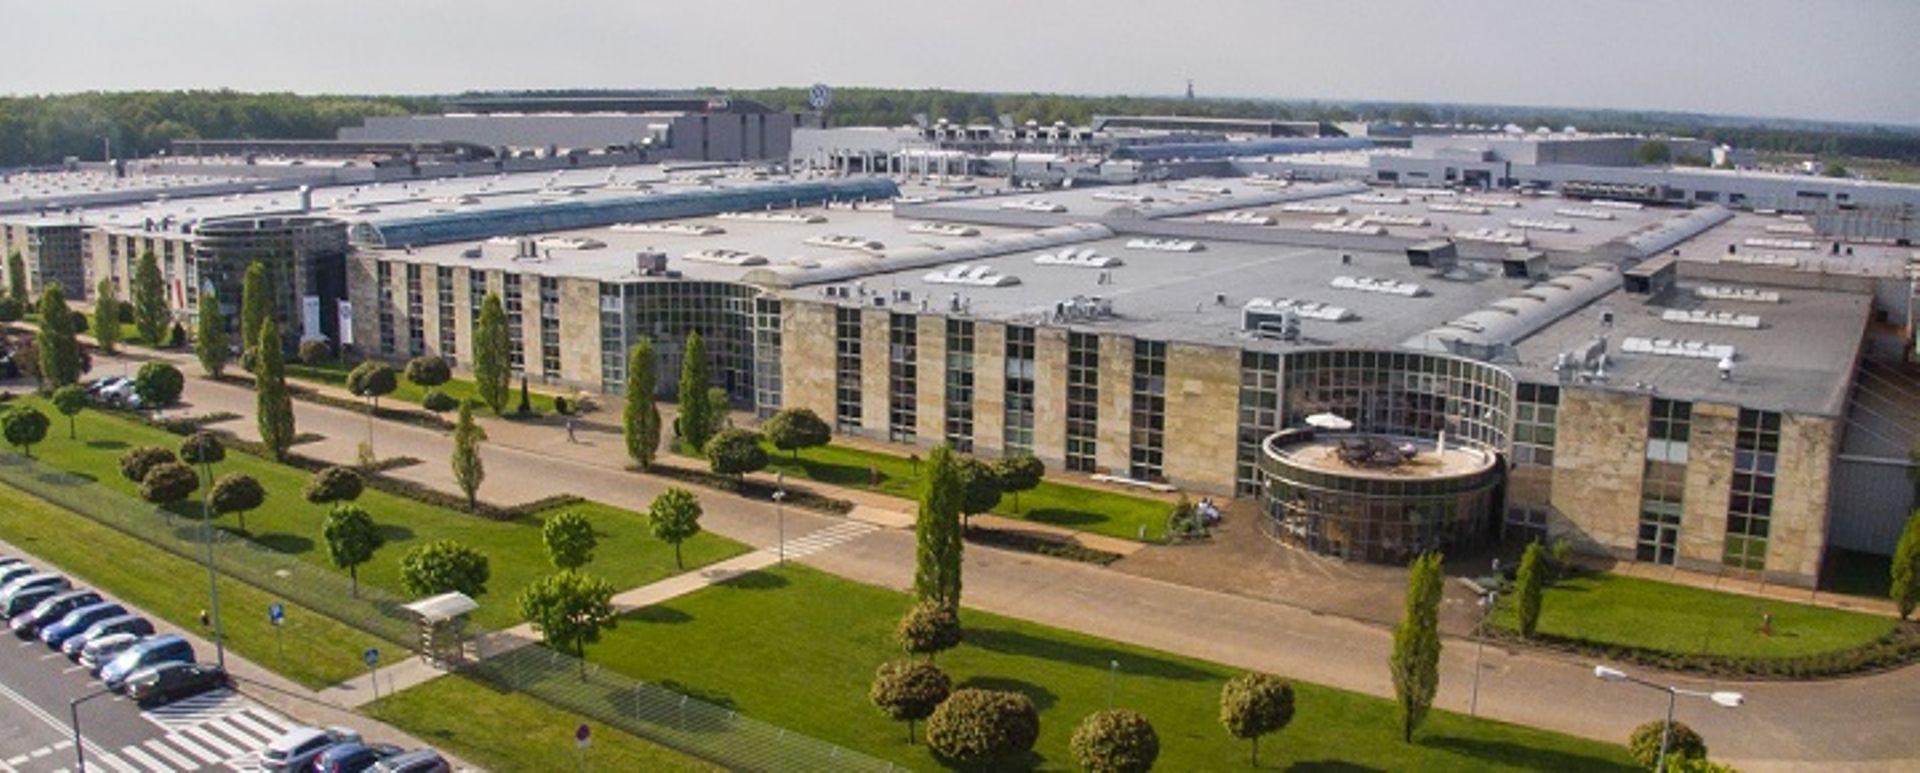 Dolny Śląsk: Volkswagen dalej będzie inwestować w Polkowicach. Szansa na fabrykę samochodów?